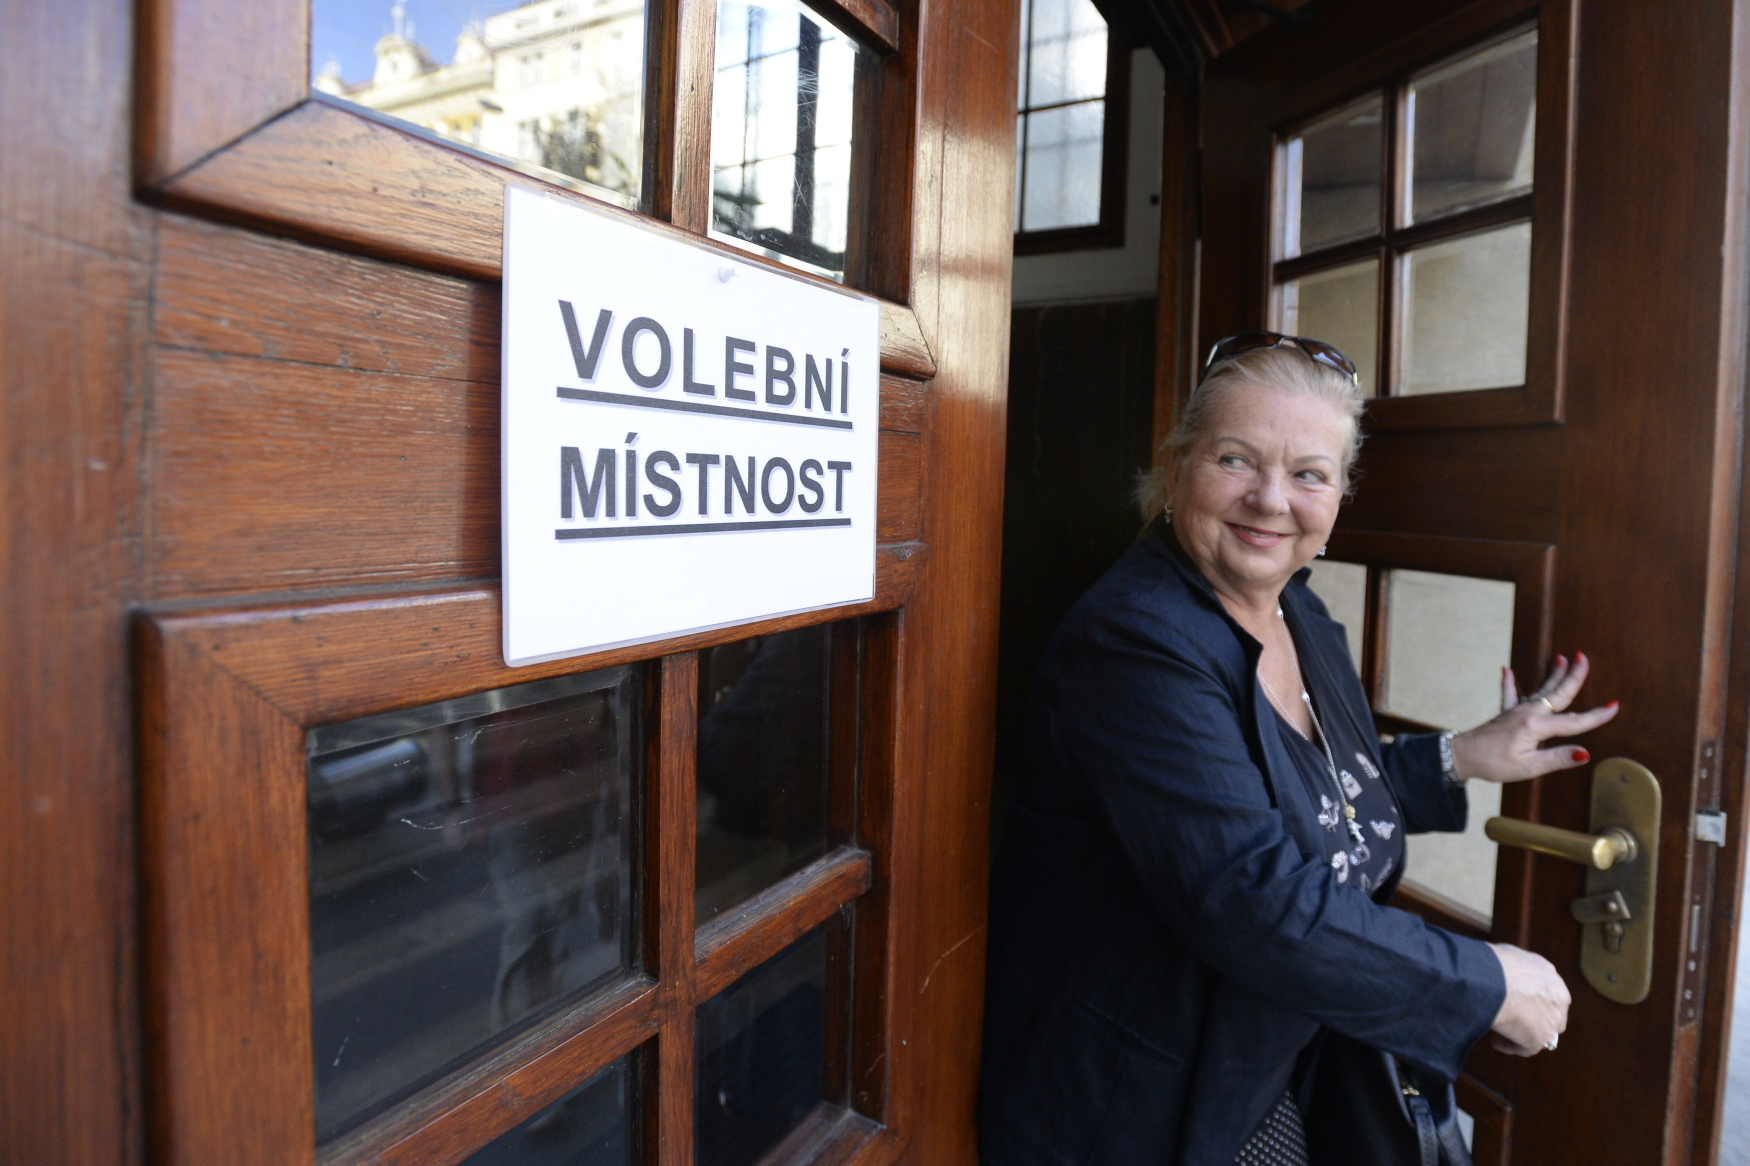 V pátek začalo druhé kolo senátních voleb. Snímek byl pořízen před volební místností v budově Obchodní akademie Vinohradská.